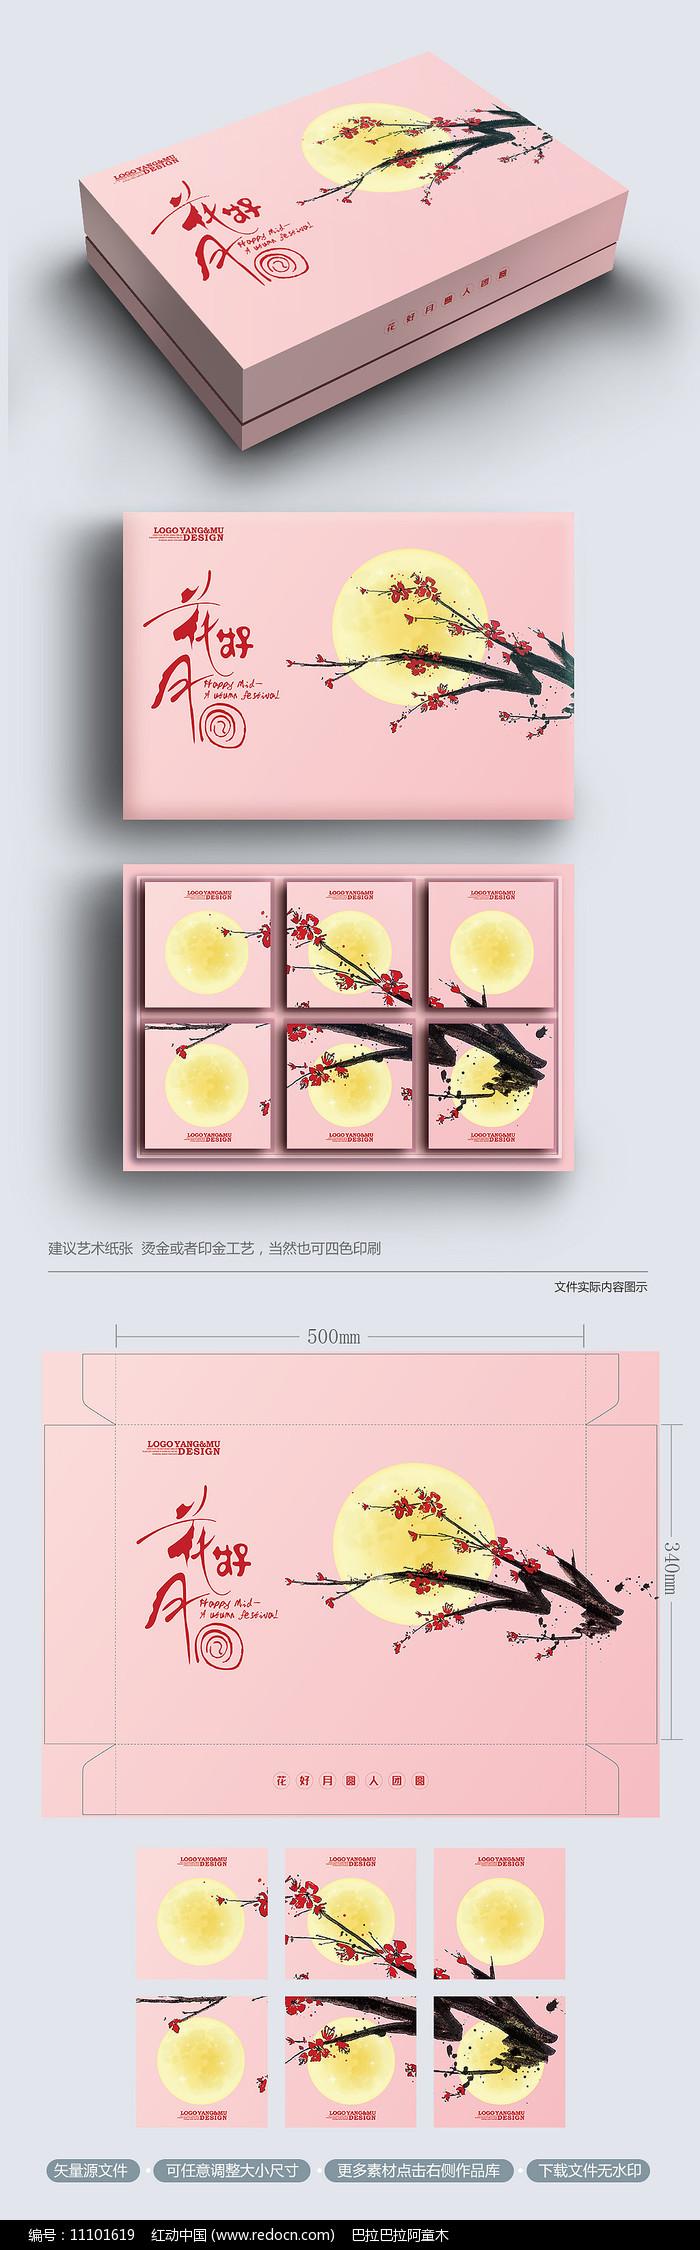 粉色国画水墨梅花高端月饼包装礼盒图片